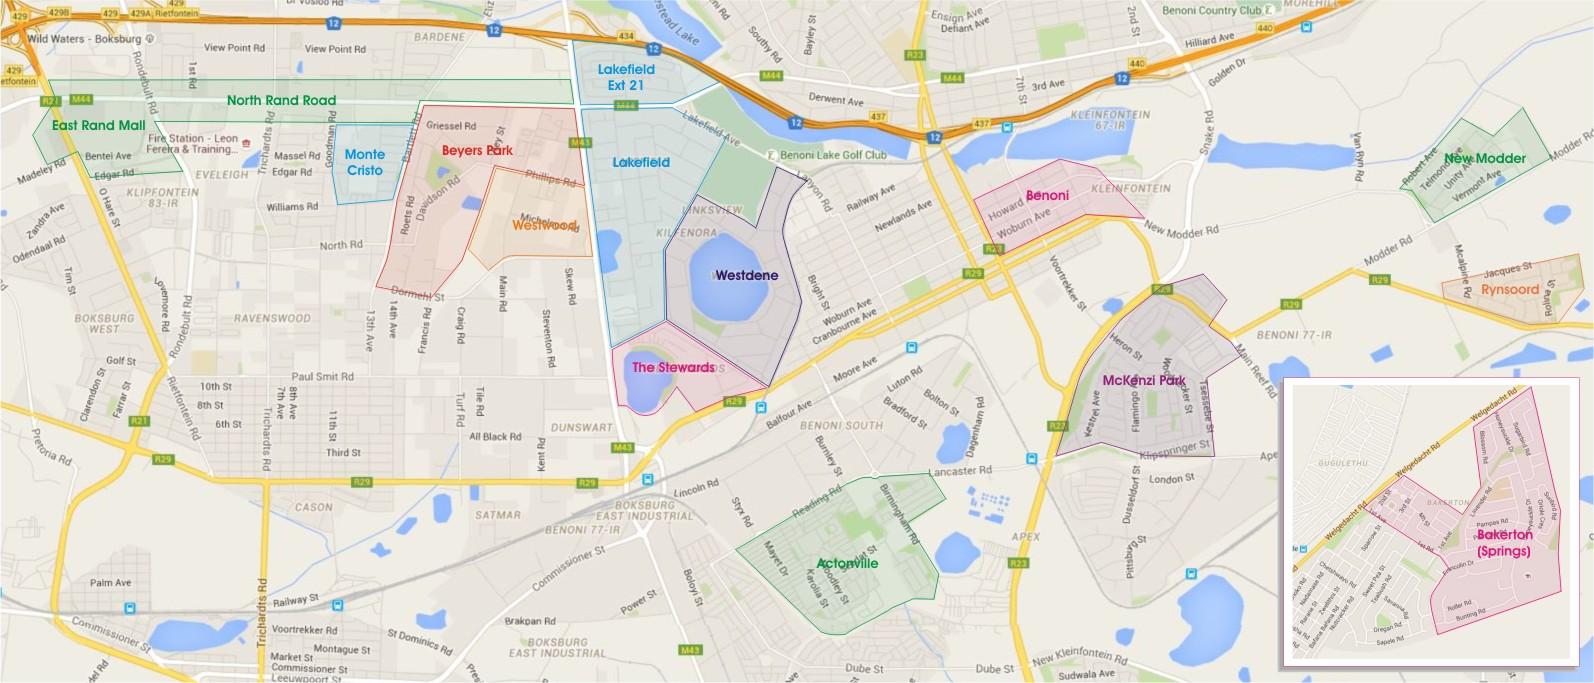 Benoni MAPS